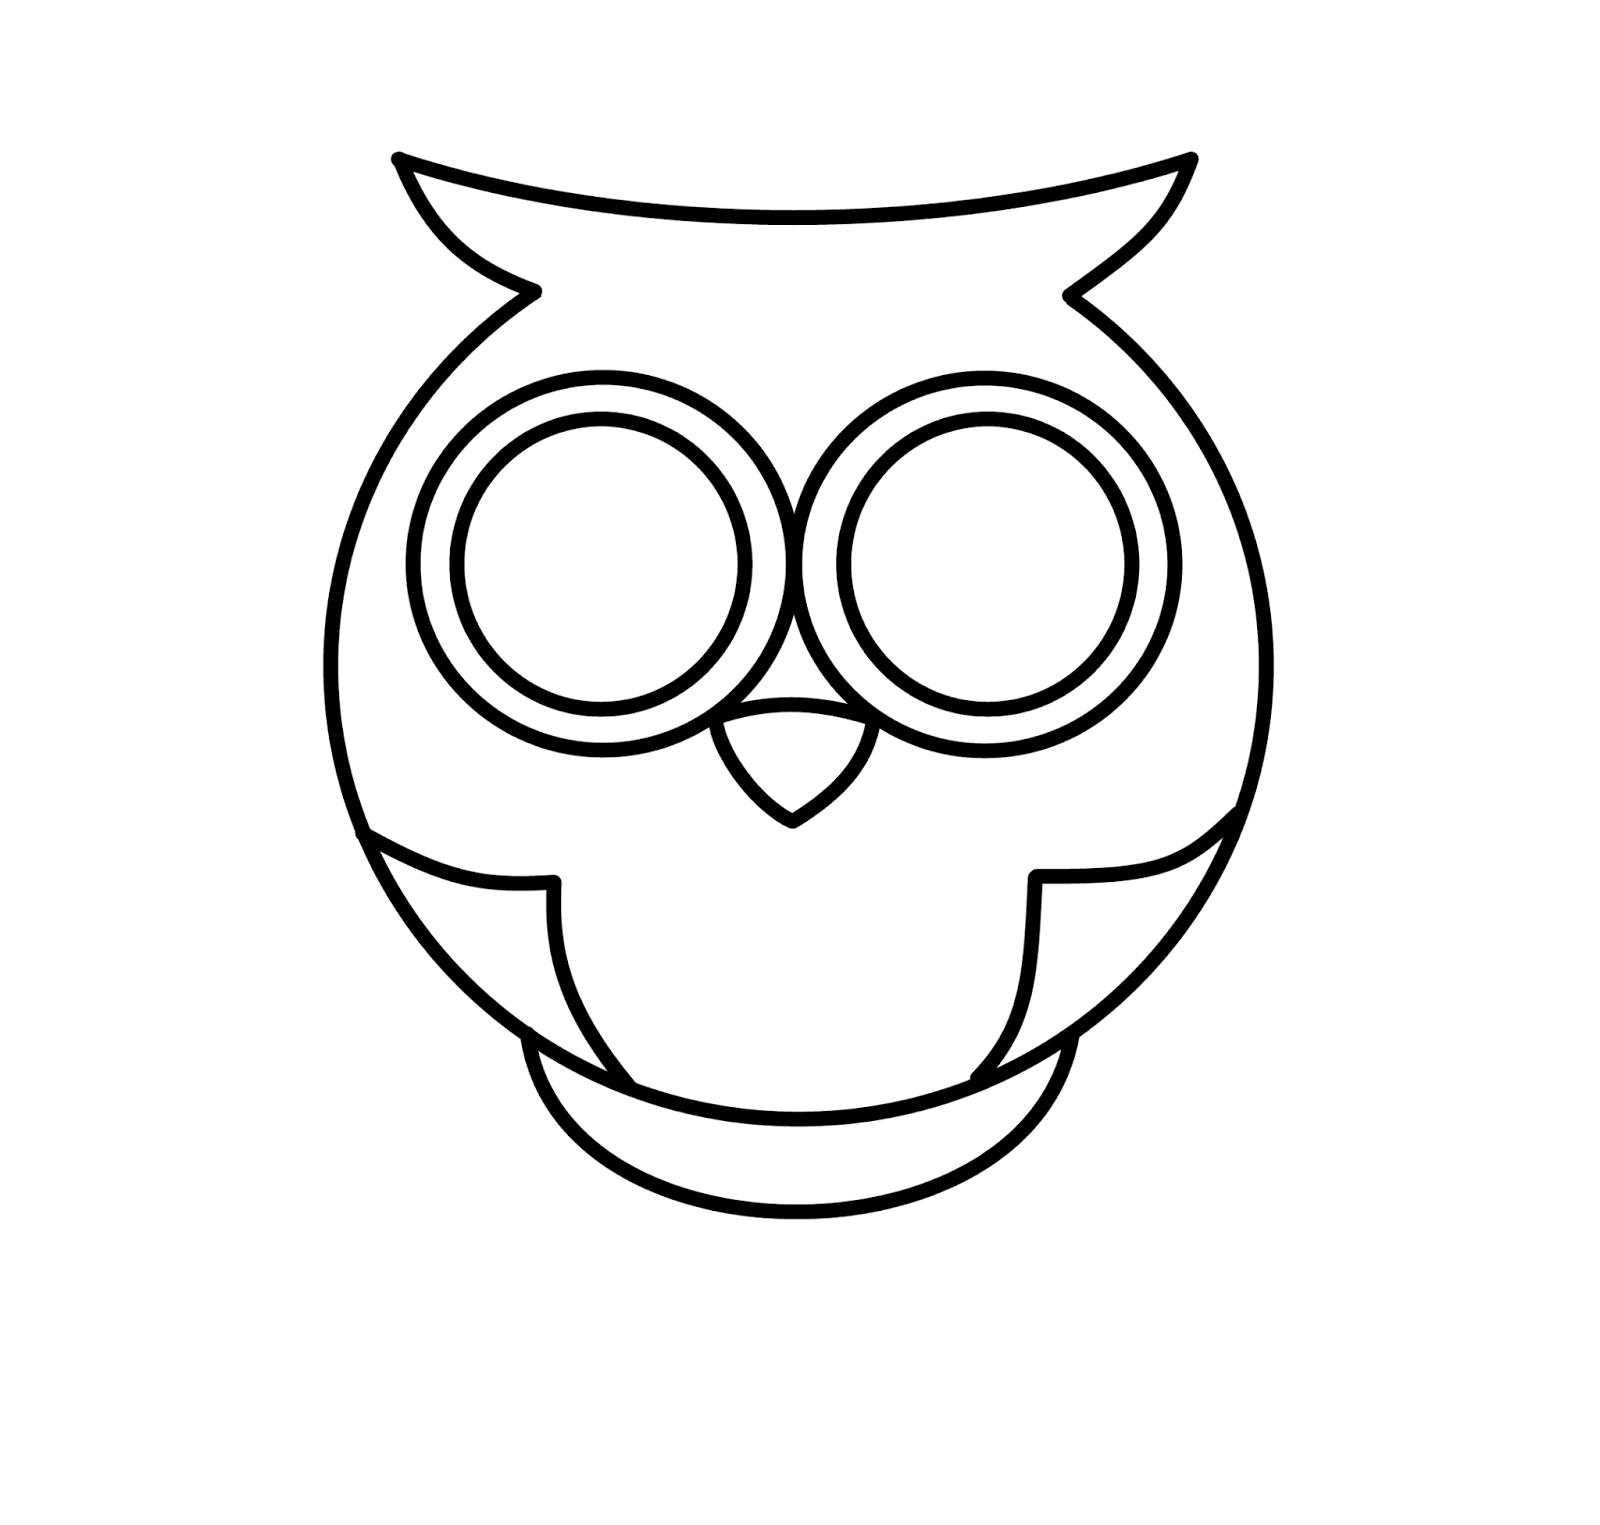 How to draw cartoons owl for Cartoon owl sketch